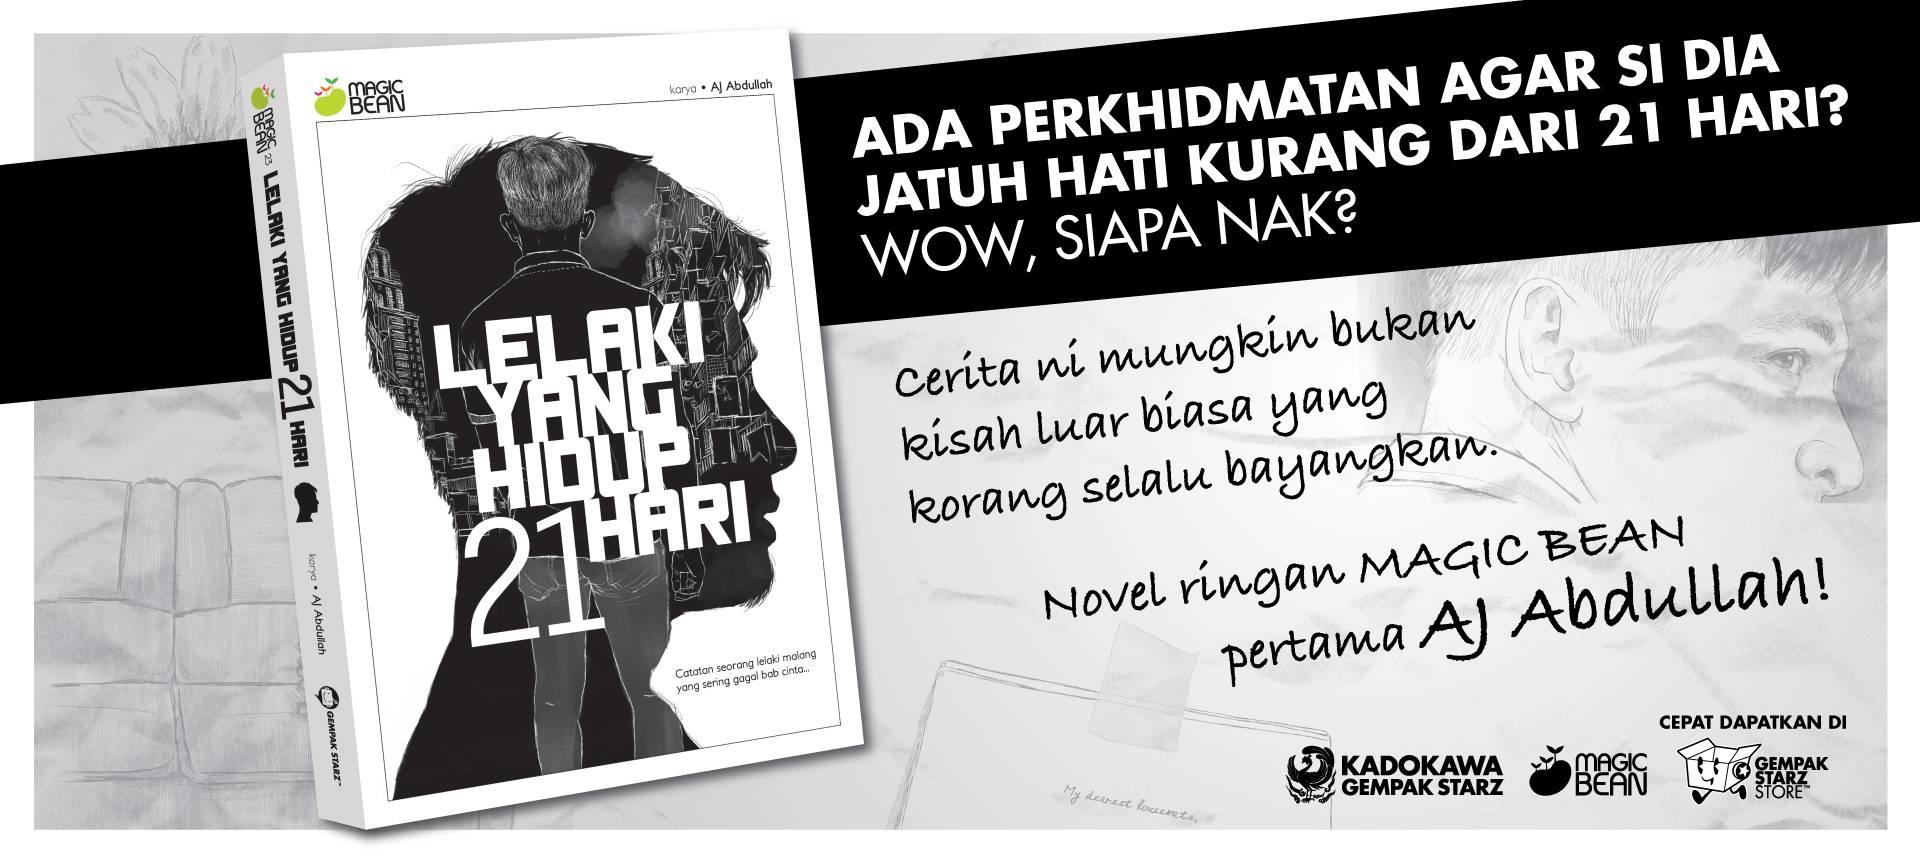 MB Novel Lelaki Yg Hidup 21 Hari